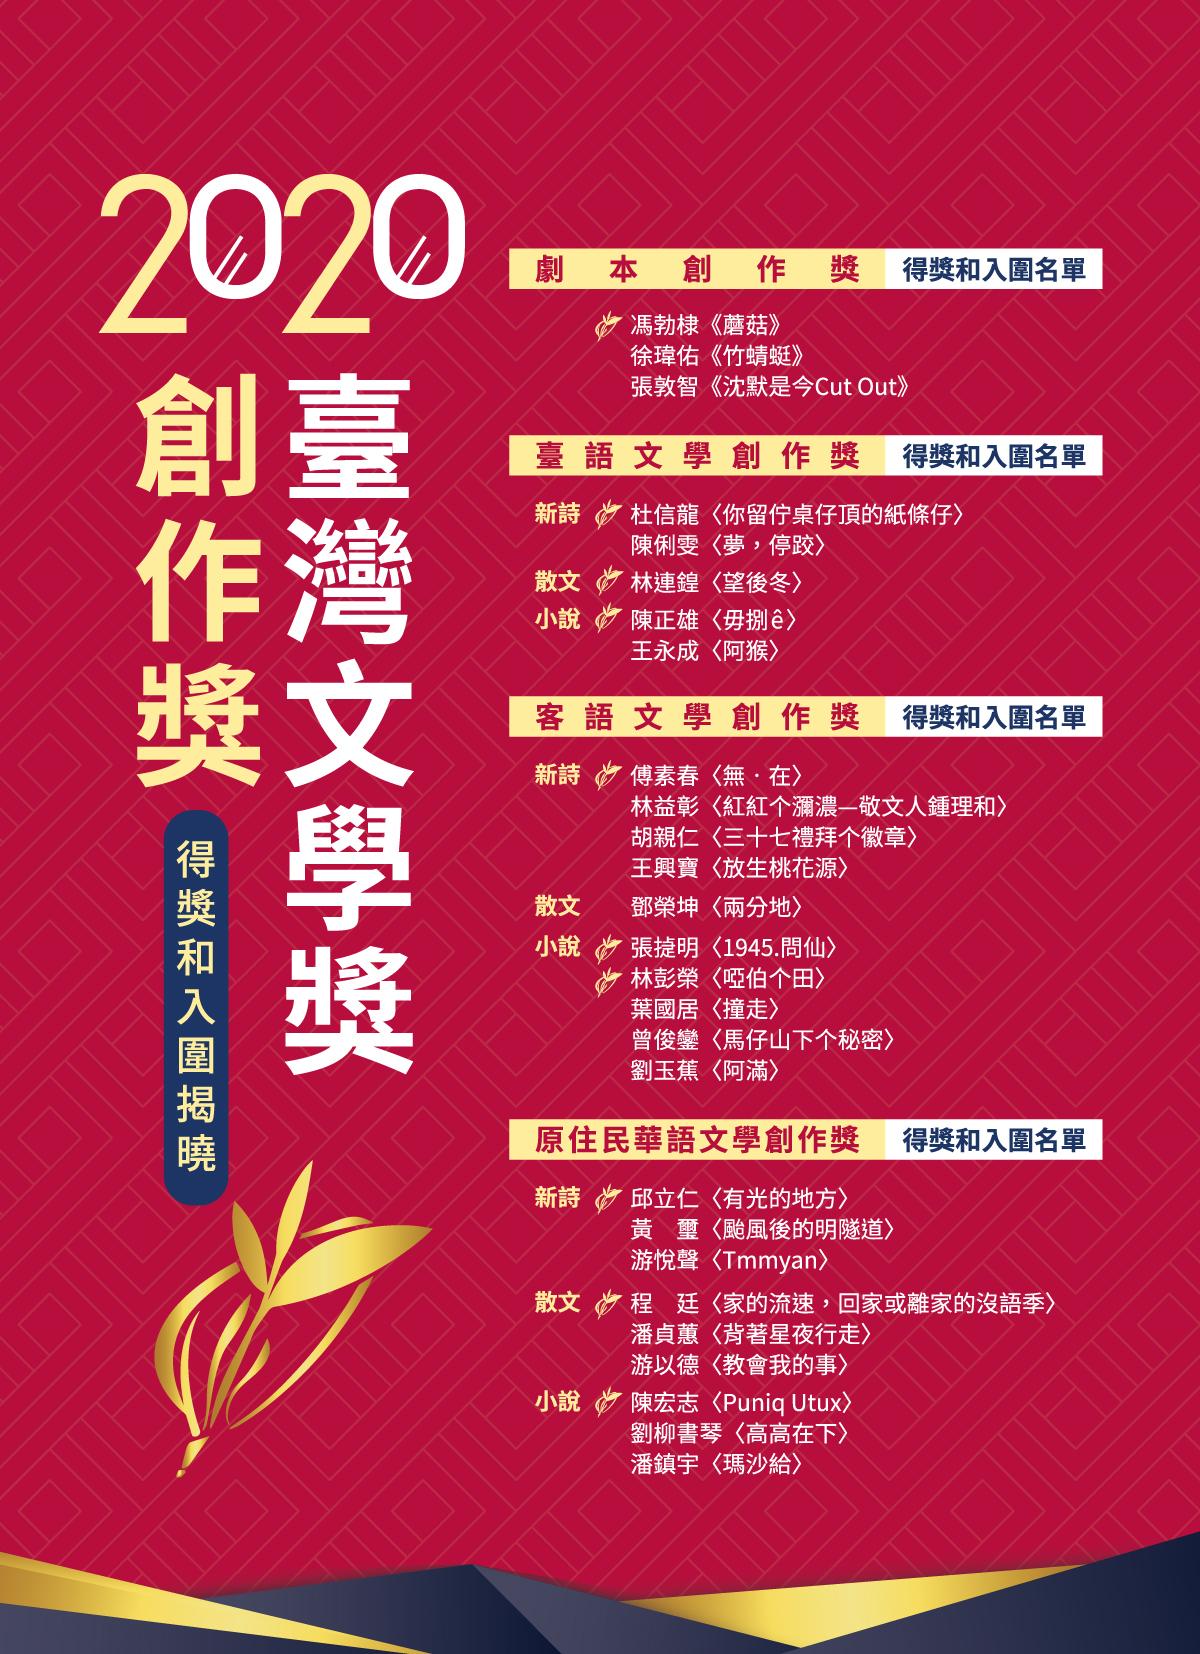 2020臺灣文學獎創作獎得獎名單揭曉